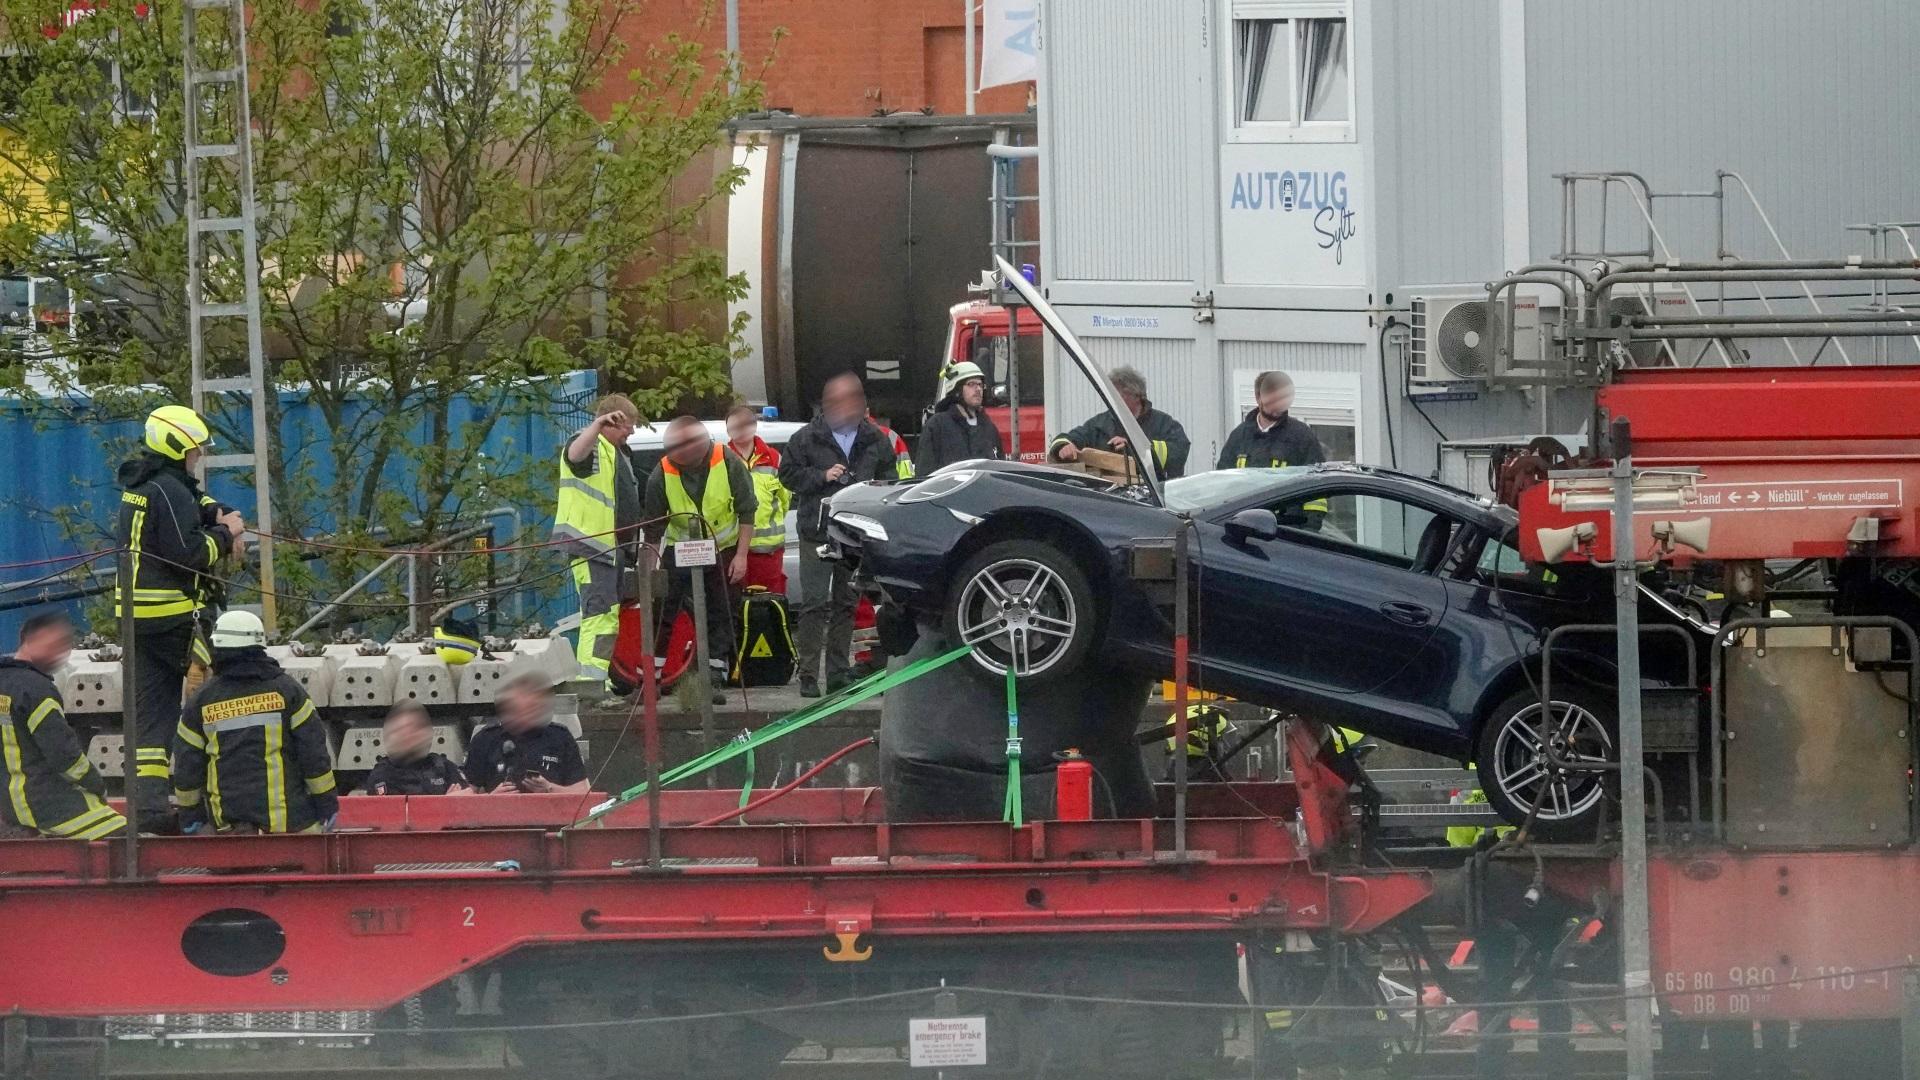 Porsche Unfall Autozug Sylt Shuttle Verladeterminal Westerland